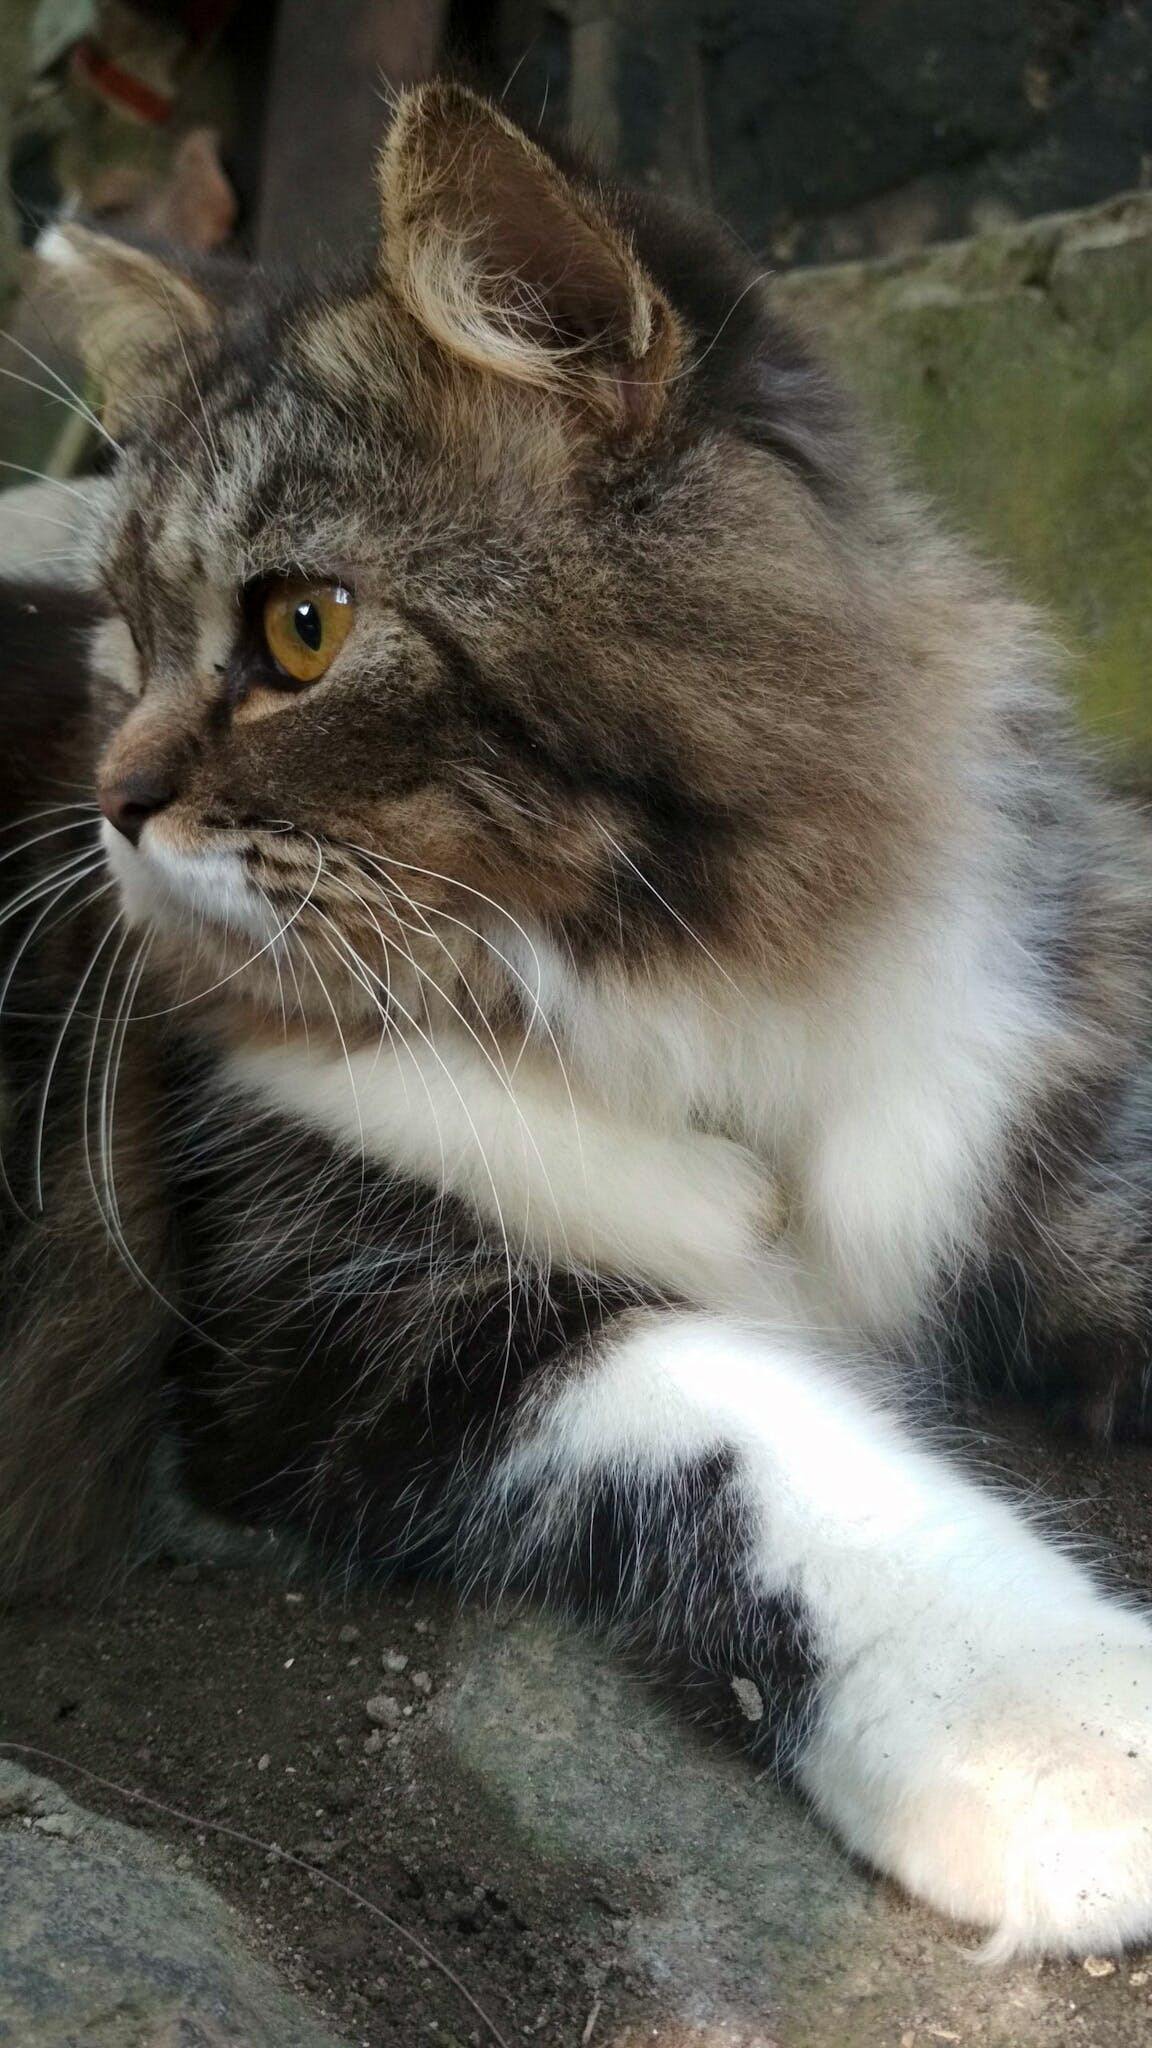 Δωρεάν στοκ φωτογραφιών με απλός, Γάτα, γάτες, γλυκούλι